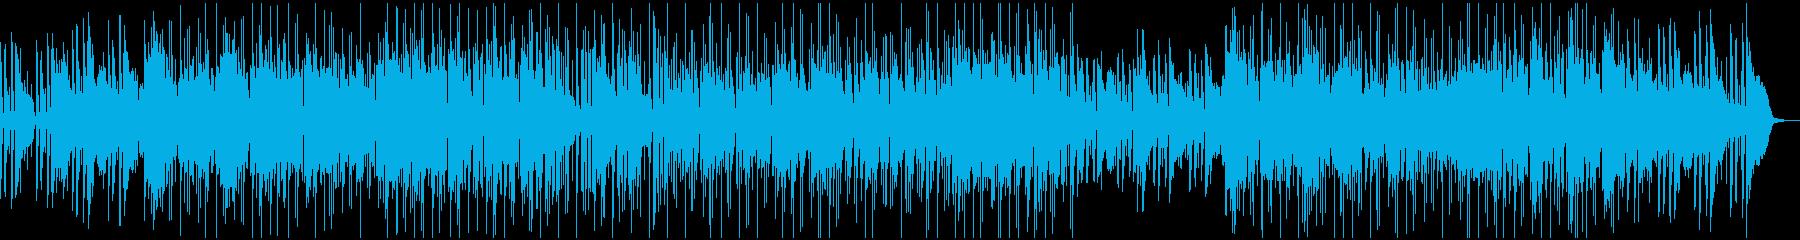 ピアノとフルートのソロをフィーチャ...の再生済みの波形